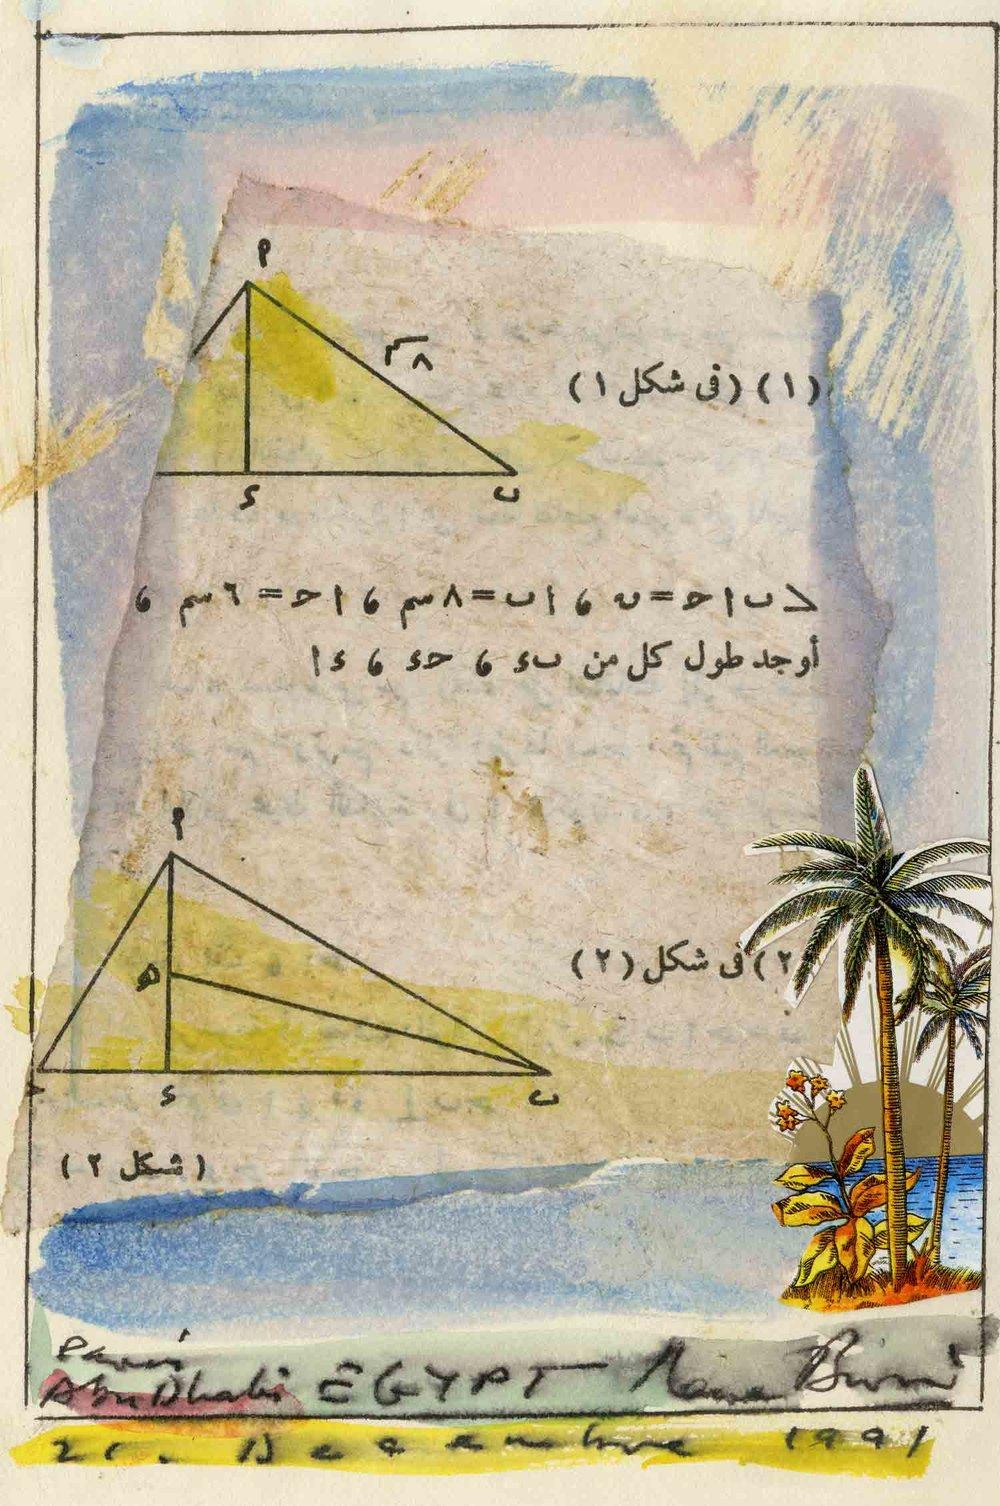 René Burri,  Collage and watercolor-Paris Abu Dhabi- Egypt- 21 december 1991 , 1991.   © René Burri/Magnum Photos. René Burri Foundation courtesy Musée de l'Élysée.